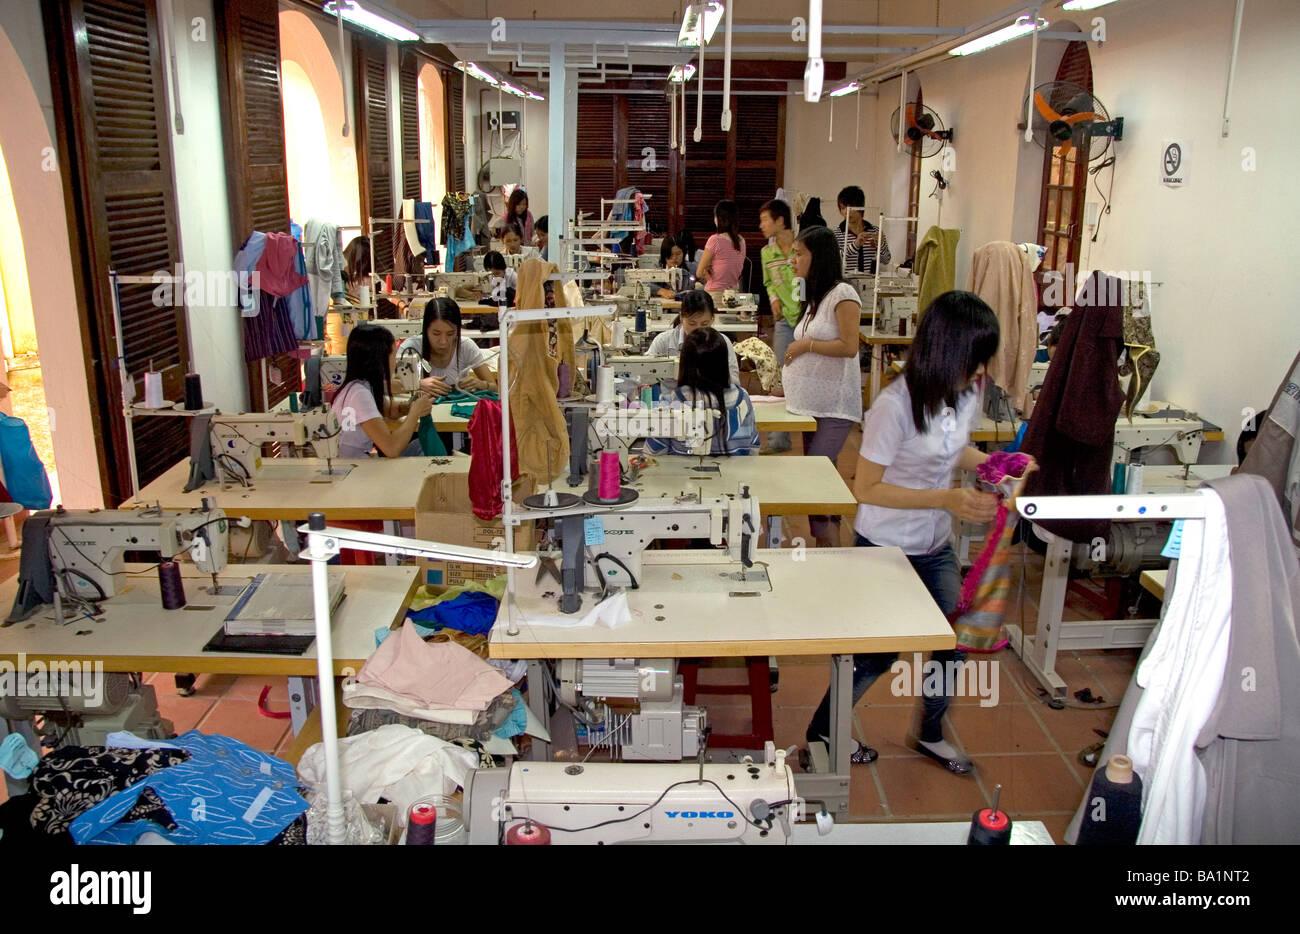 Los trabajadores de la costura en la fábrica de ropa Yaly en Hoi An Vietnam Imagen De Stock